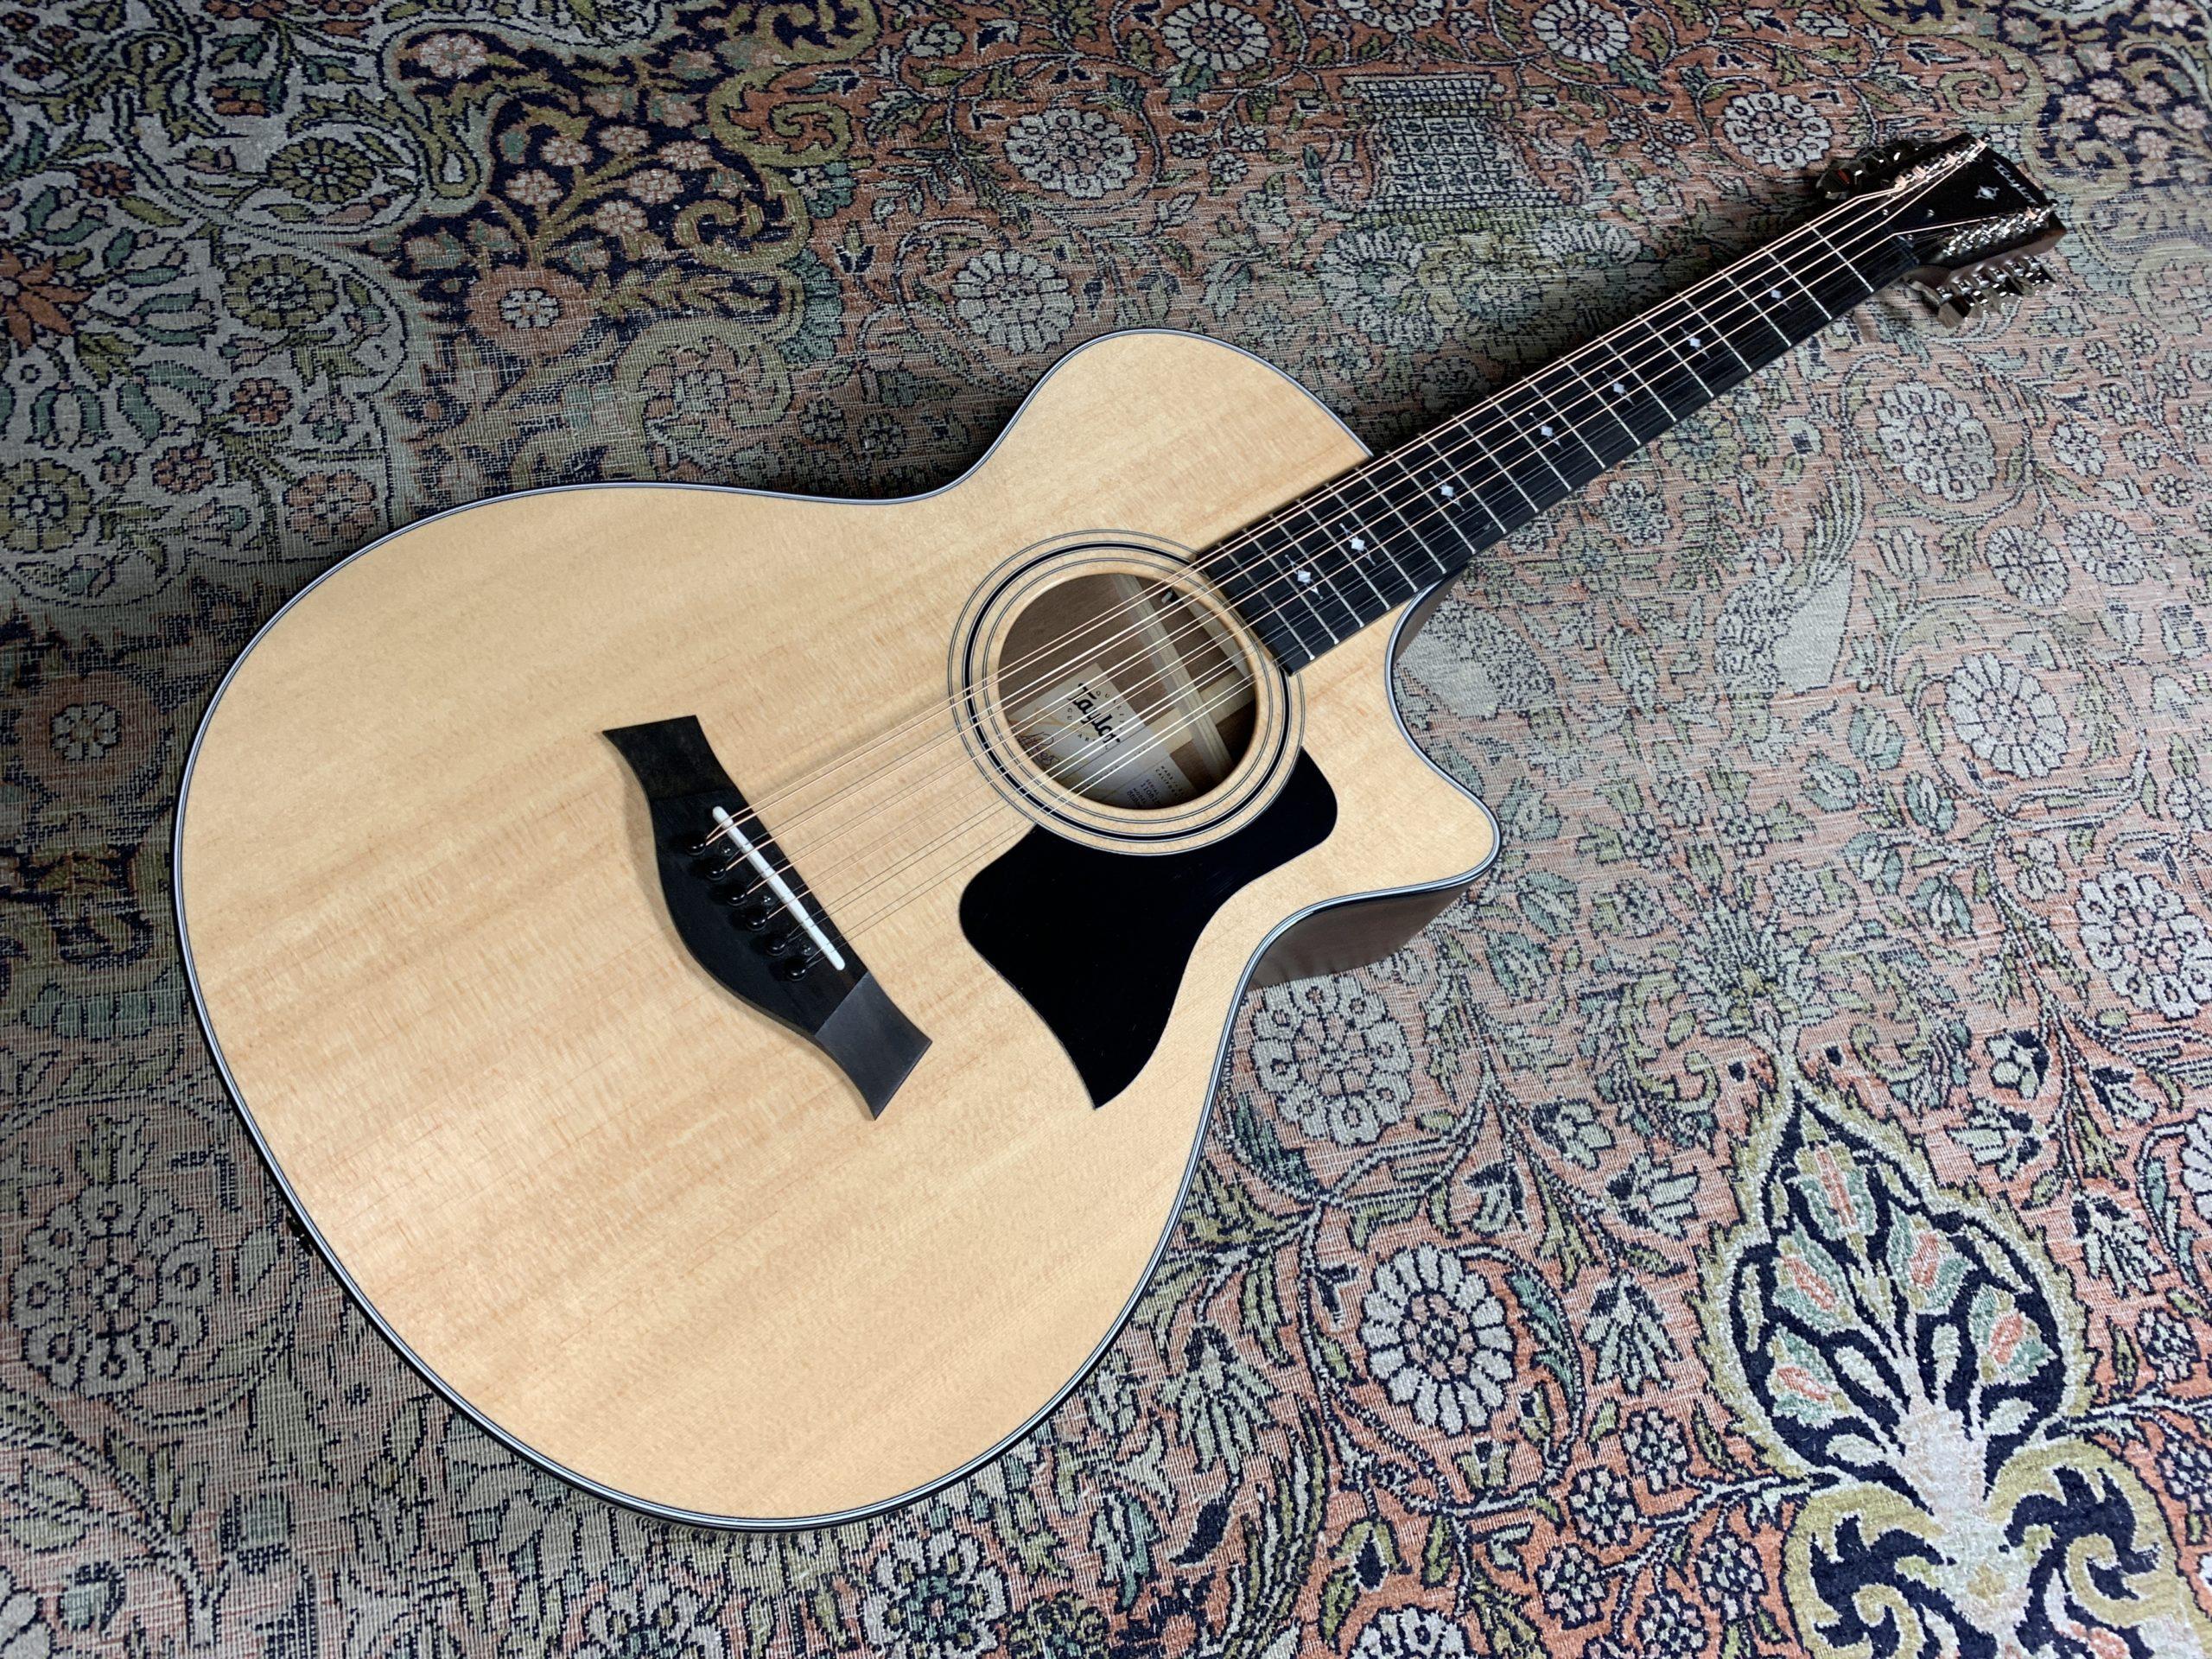 Taylor 352ce, une guitare 12 cordes maniable et facile à jouer